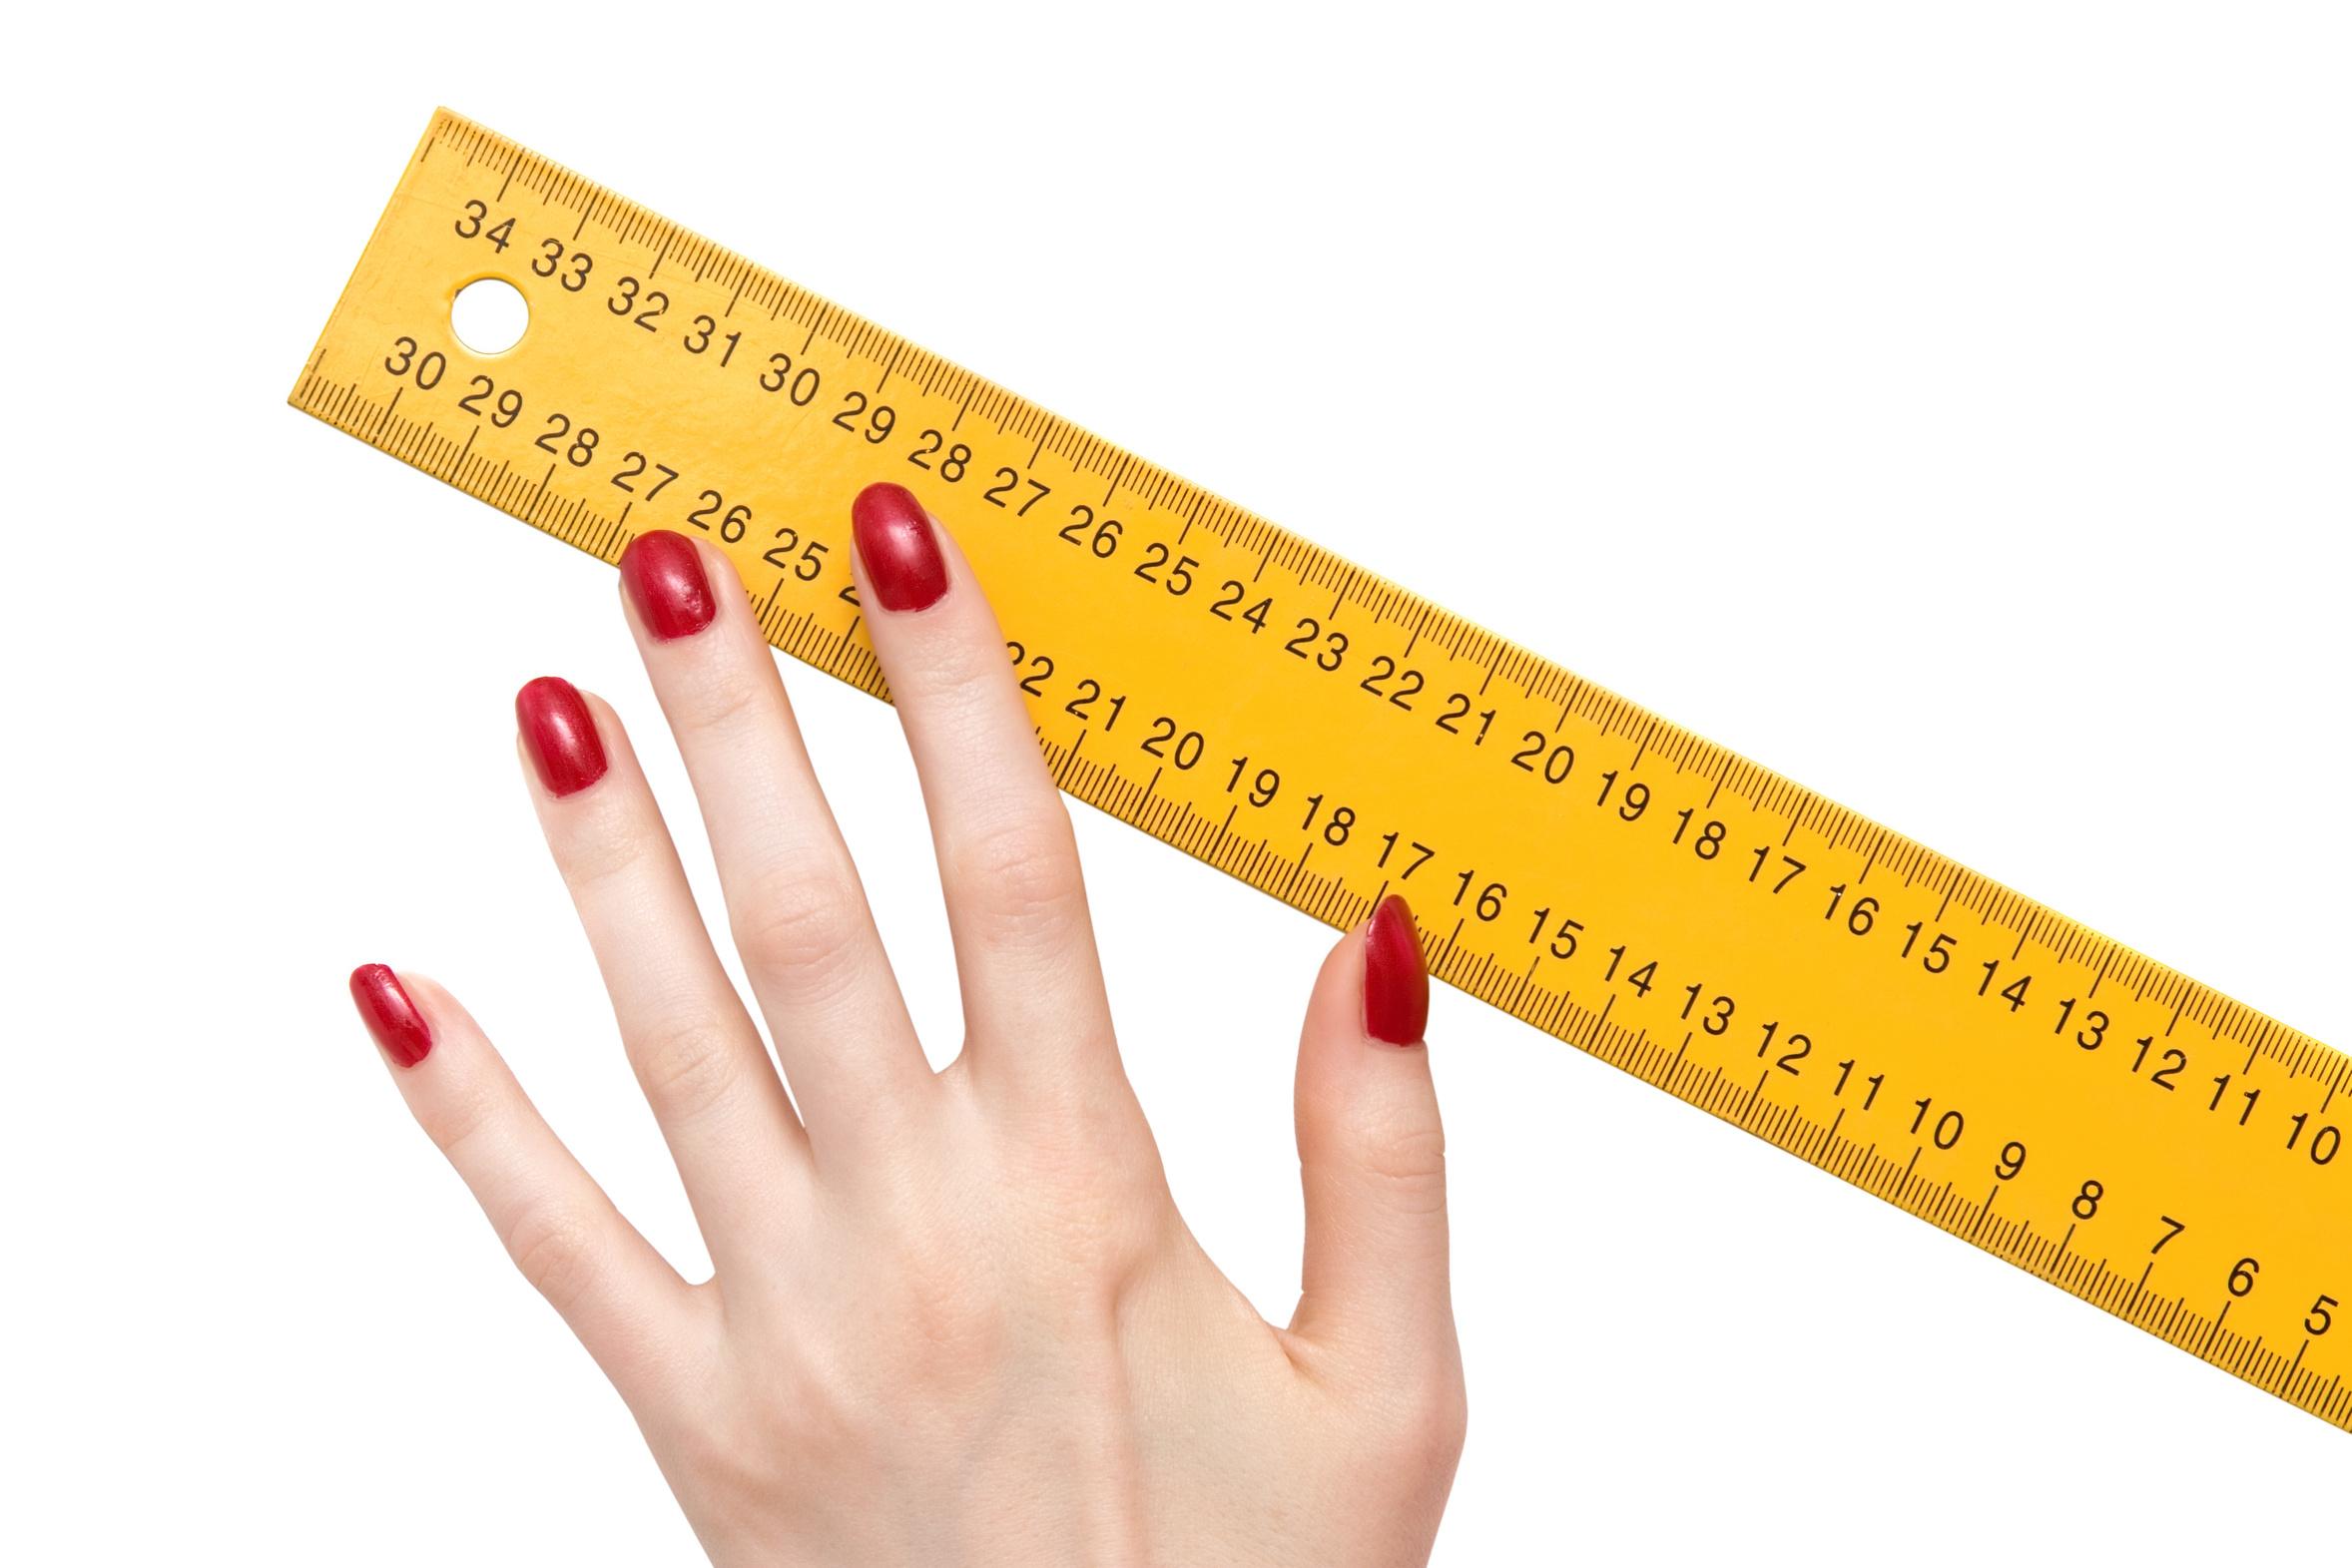 lunghezza normale del pene per gli uomini